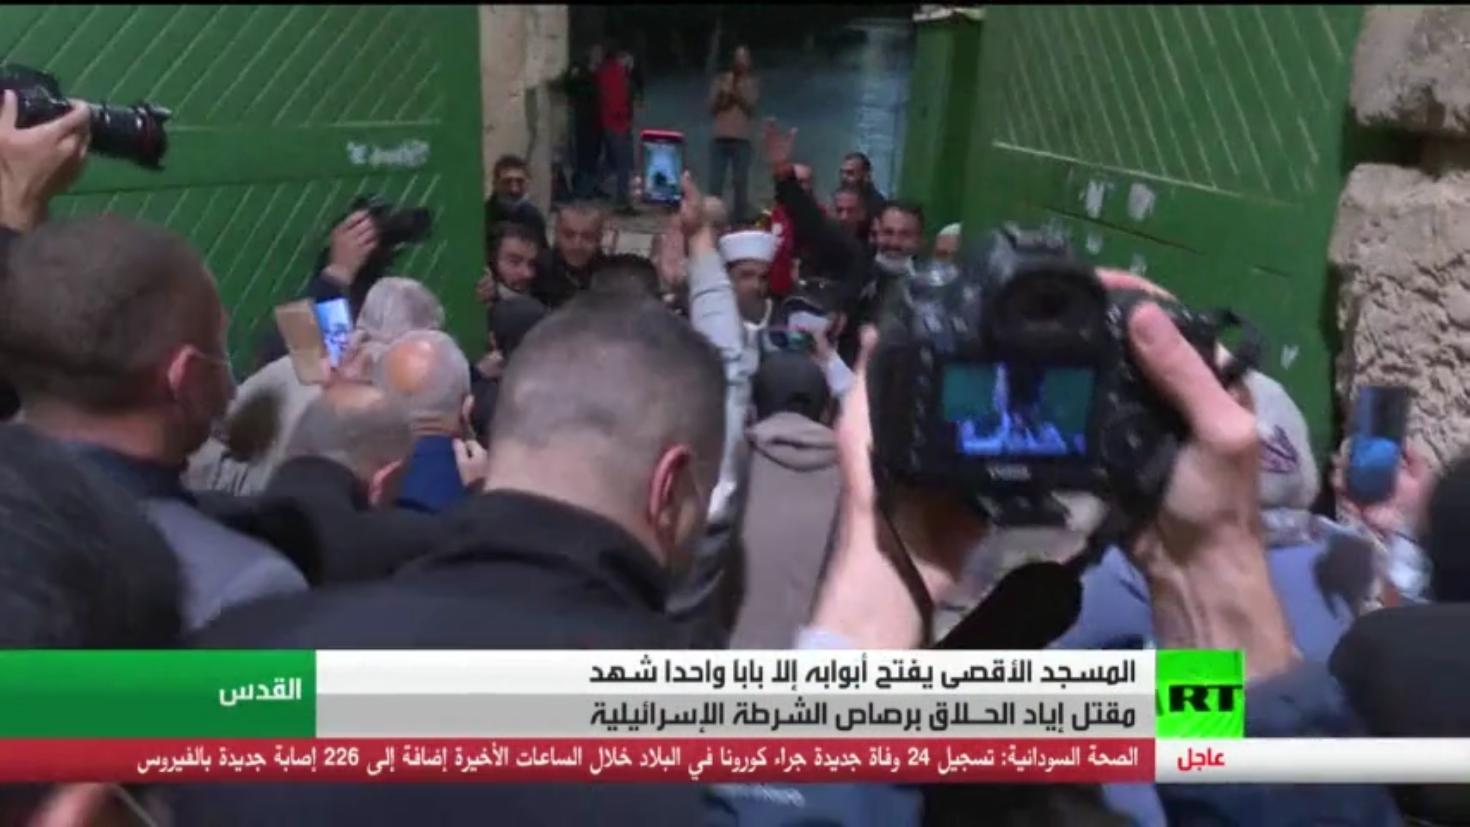 المسجد الأقصى بالقدس يفتح أبوابه